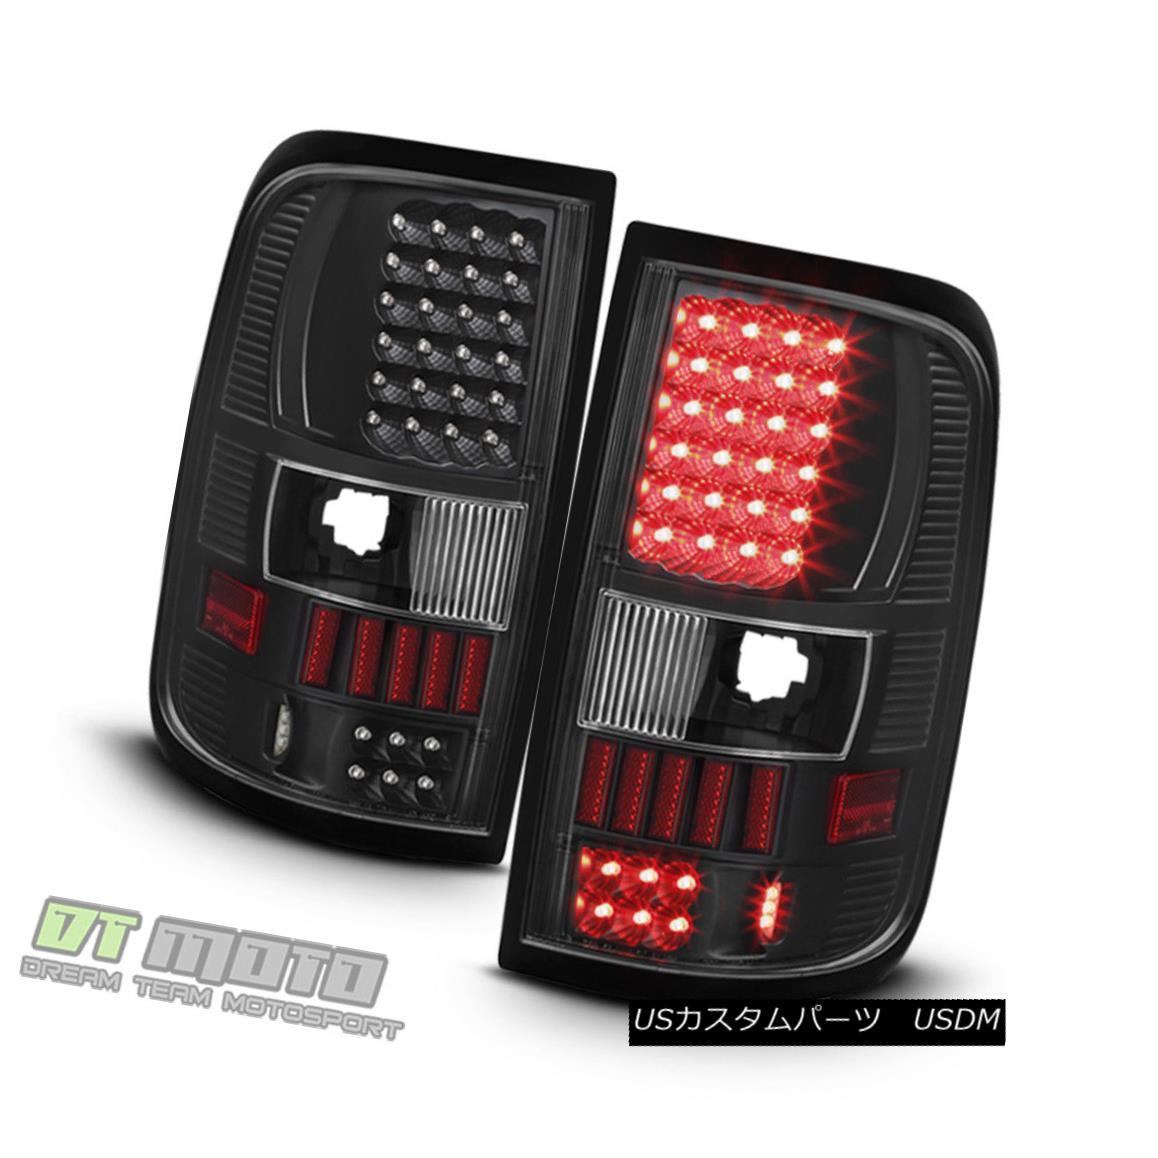 テールライト Blk 2004-2008 F150 Ford F150 Right F-150 Pickup Blk LED Tail Lights Lamps Left+Right 04-08 Set Blk 2004-2008 Ford F150 F-150ピックアップLEDテールライトランプLeft + Right 04-08 Set, クレブスポーツ通販事業課:44ba9e8a --- atbetterce.com